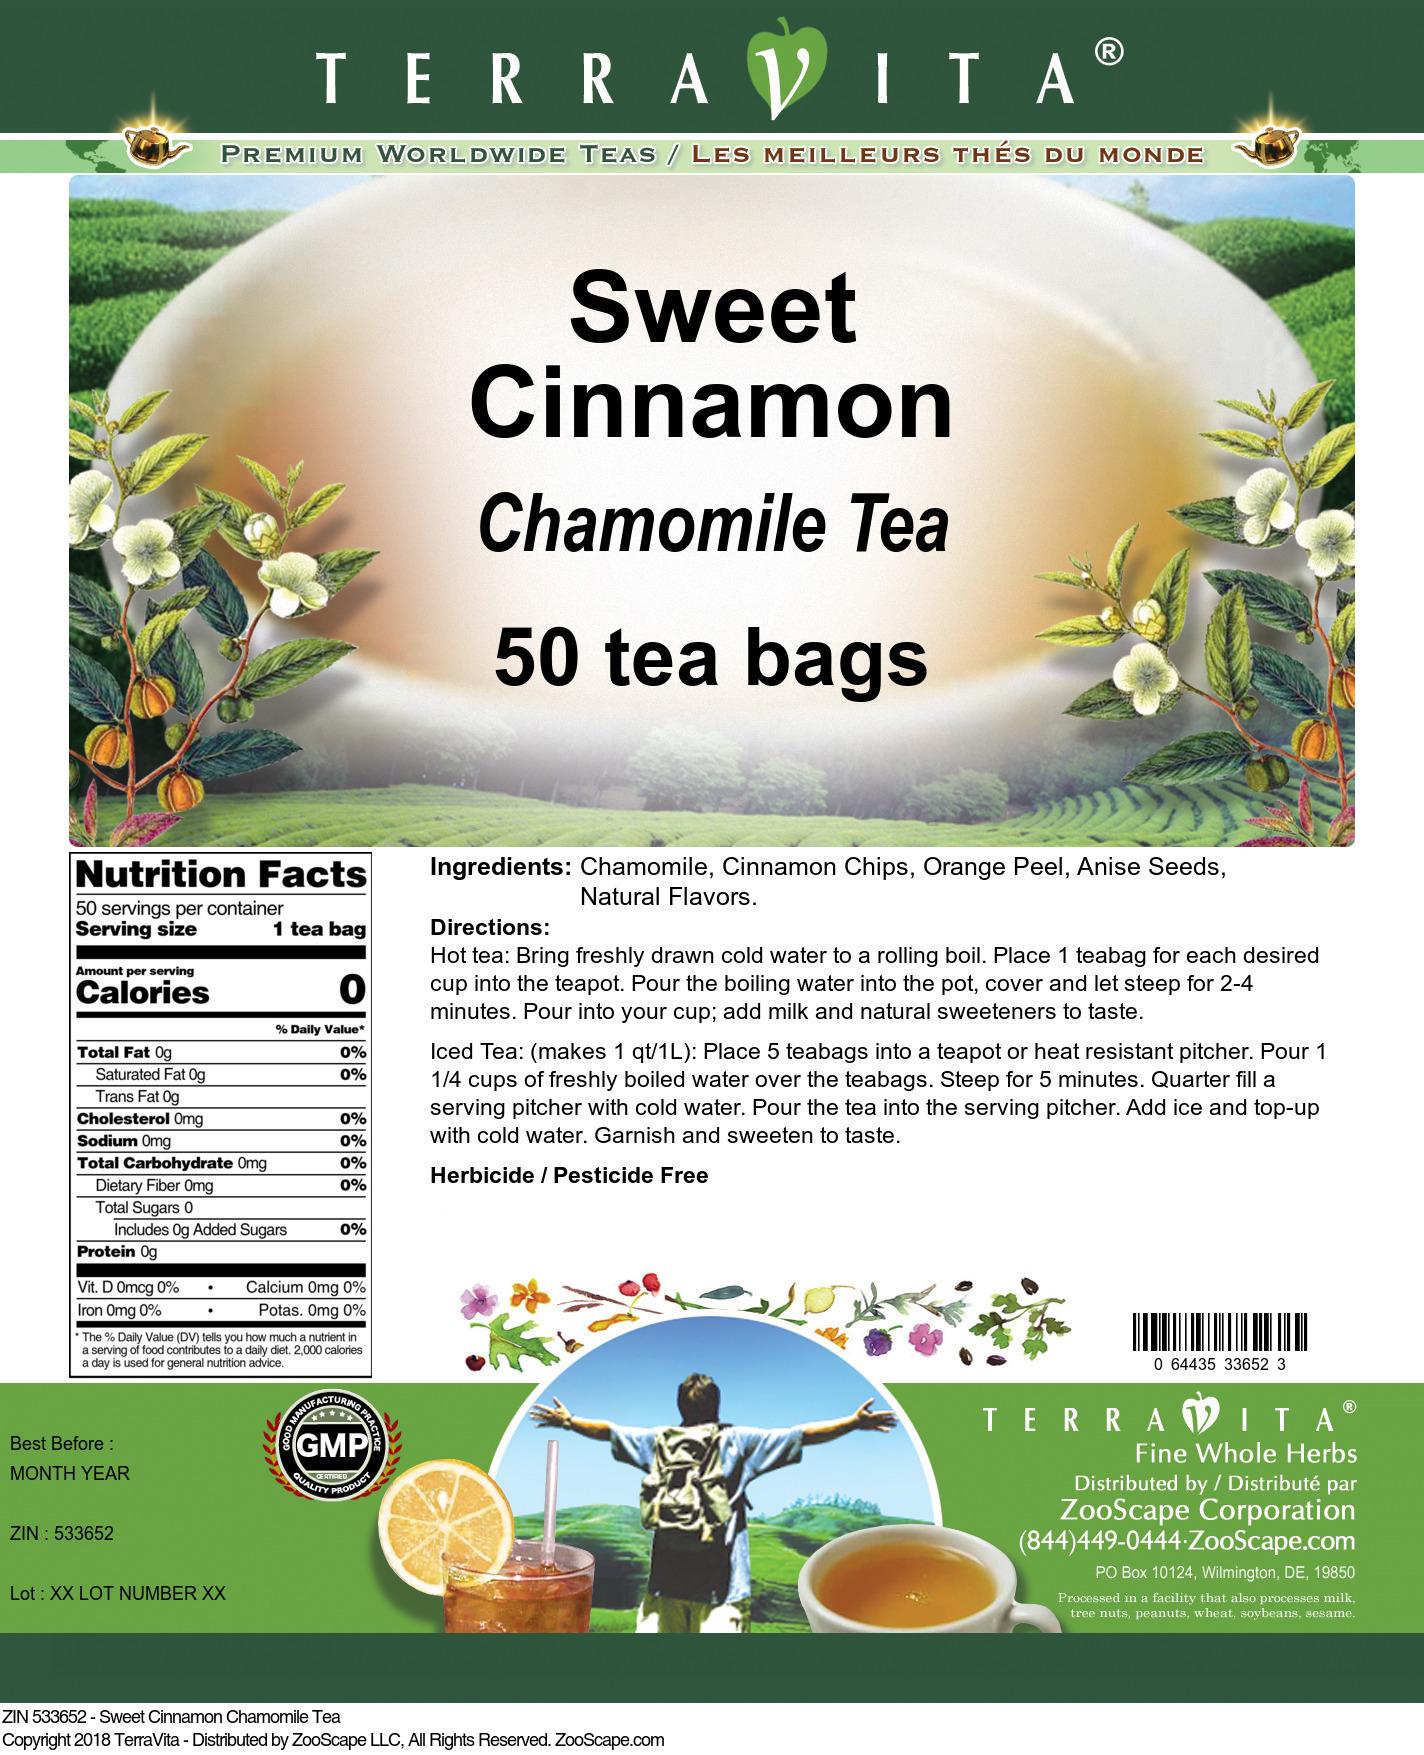 Sweet Cinnamon Chamomile Tea